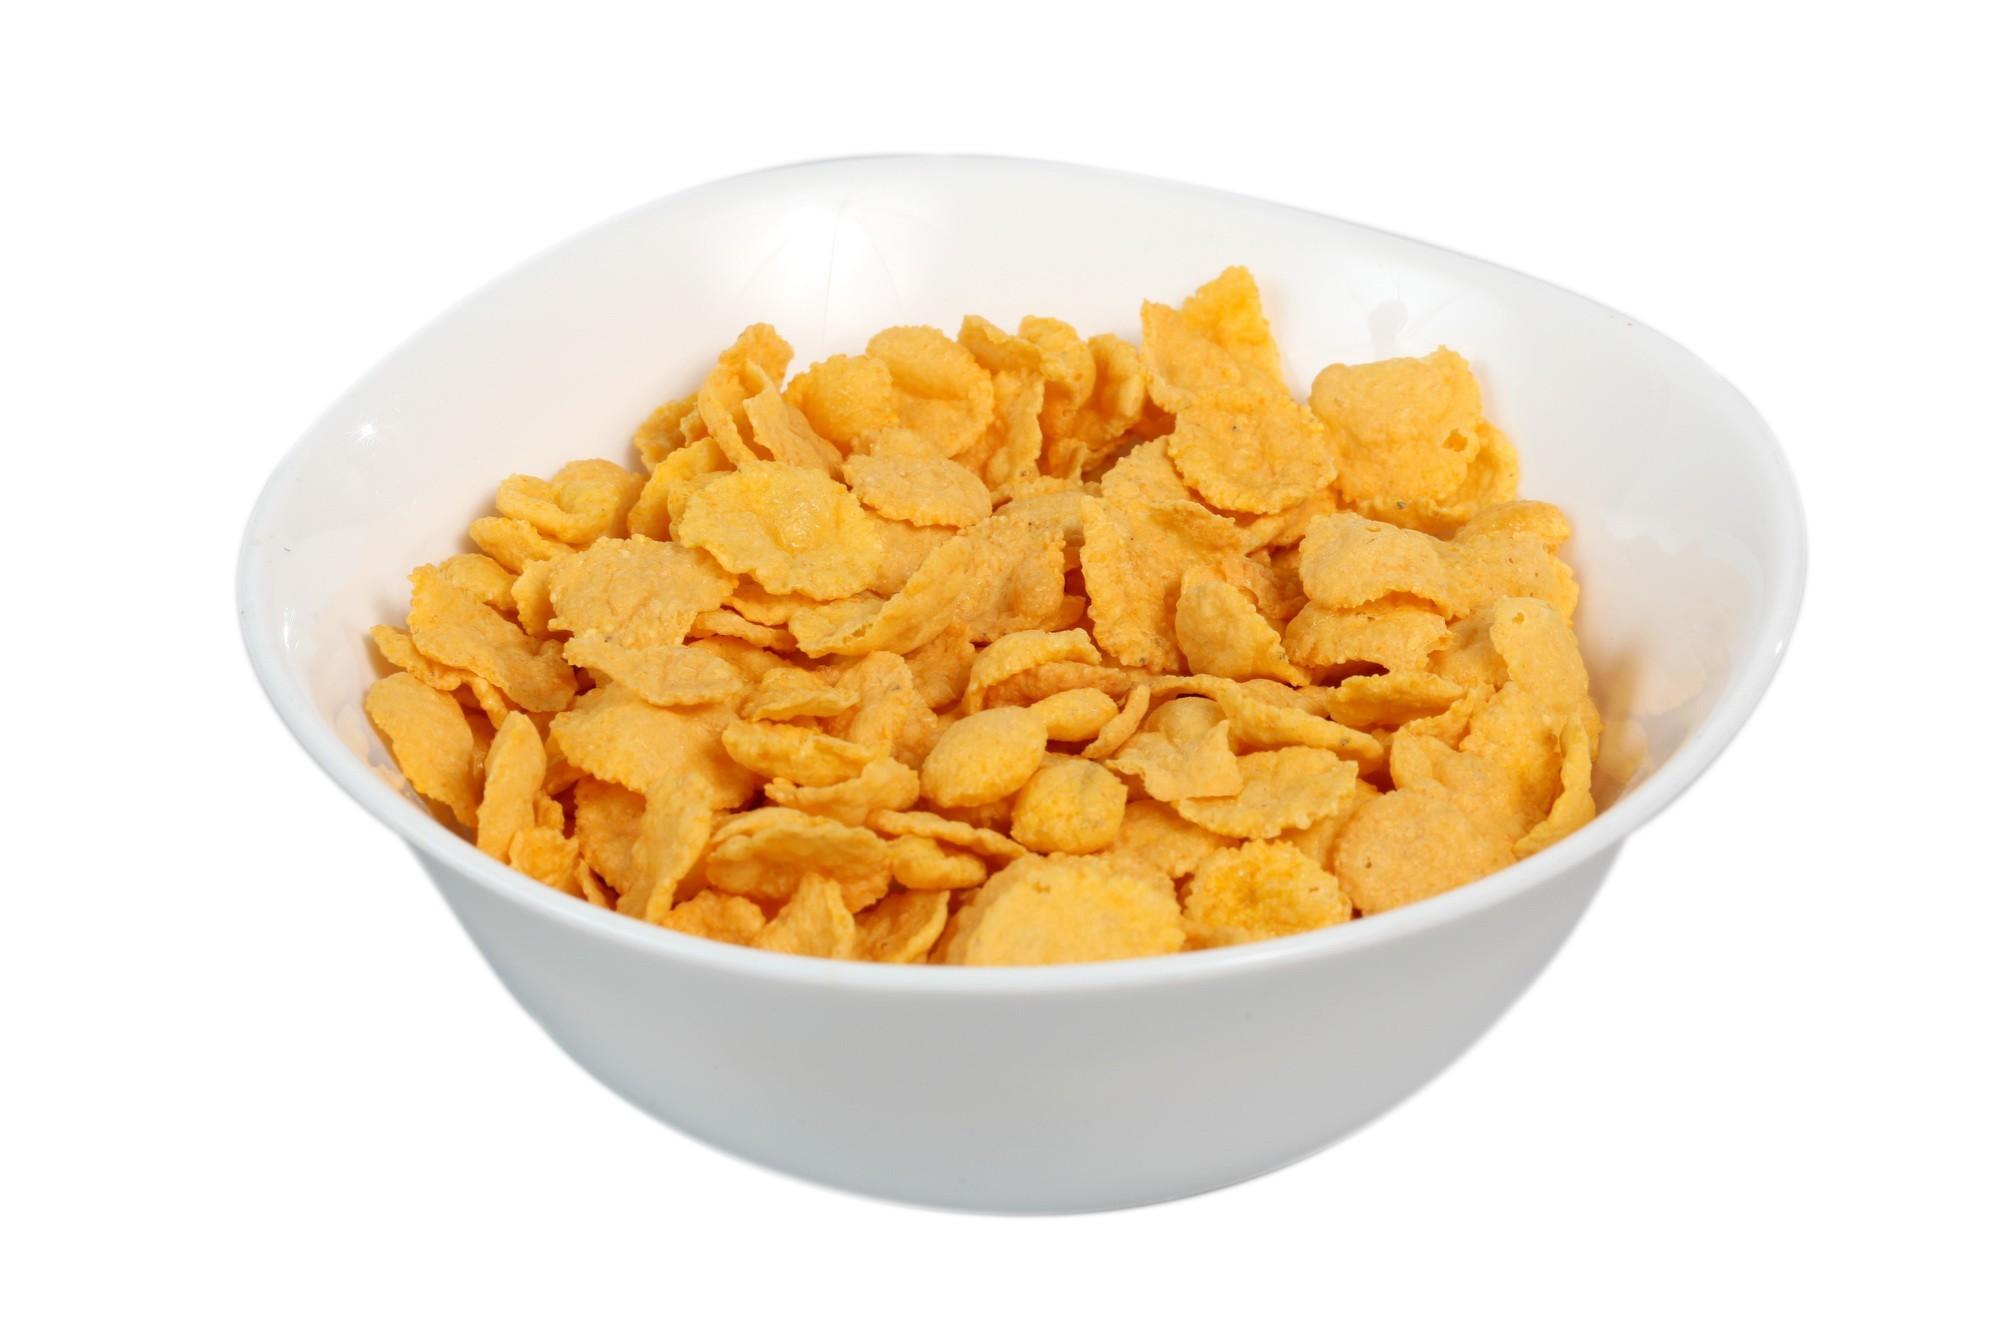 Mic dejun sanatos cu cereale Rommac